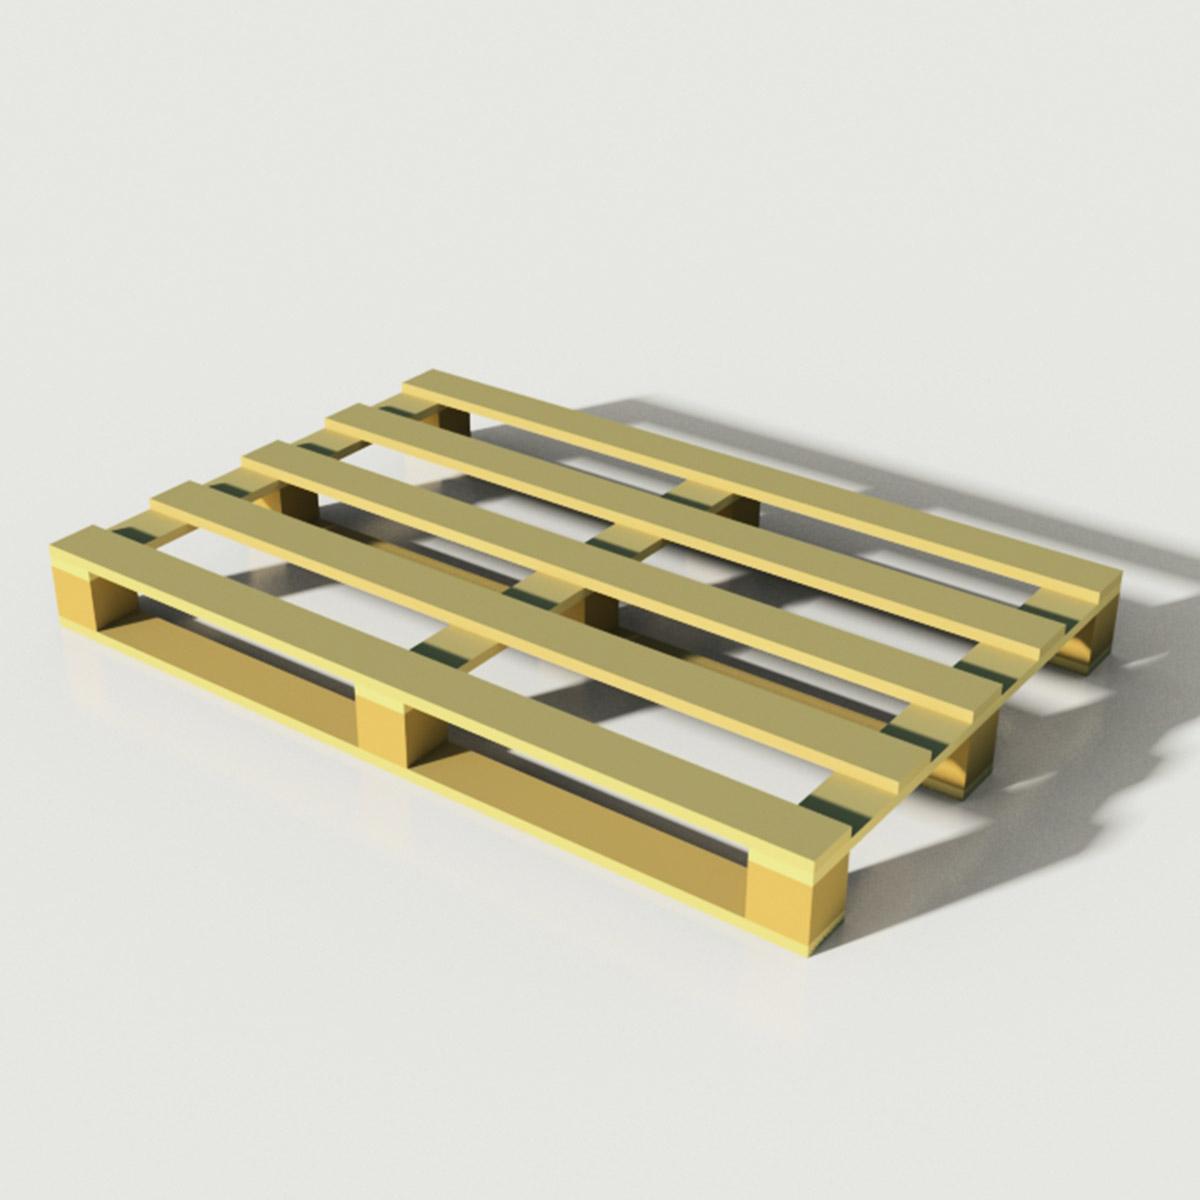 Palette ER051 mit Pressholzwürfeln, auf Kundenwunsch ähnlich der EPAL